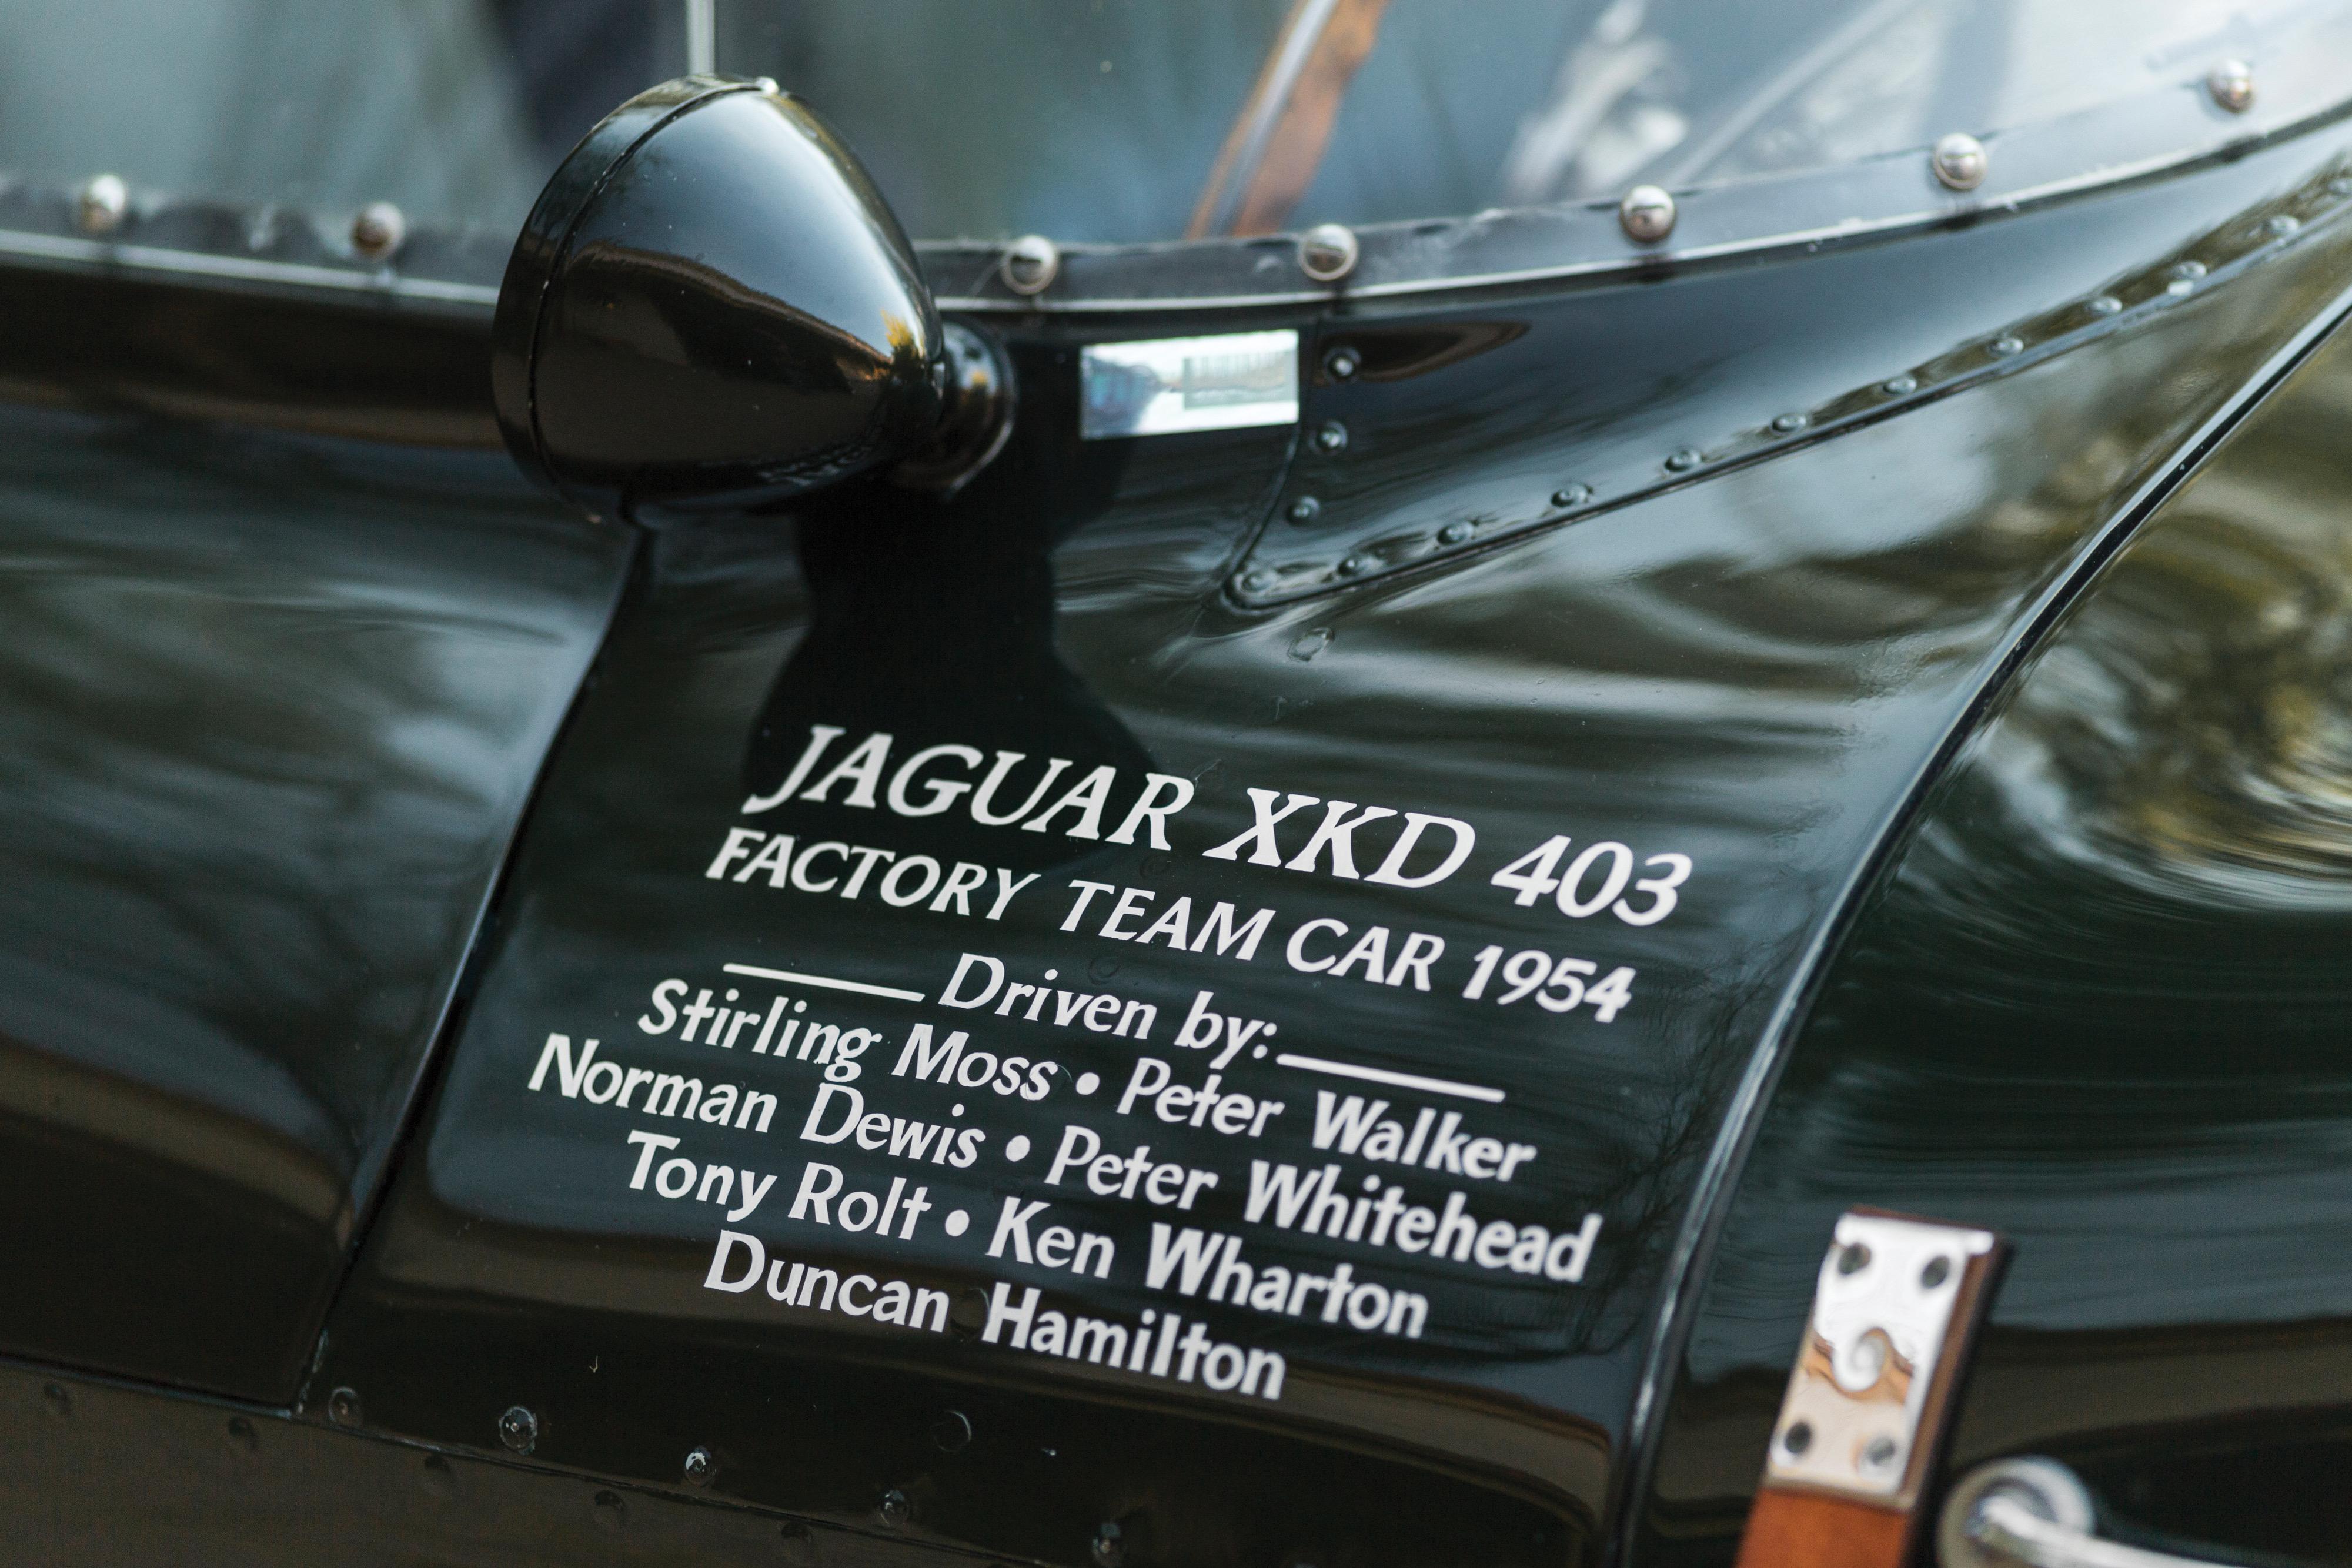 Ex-Moss 1954 Jaguar D-type announced for 2018 Sotheby's auction